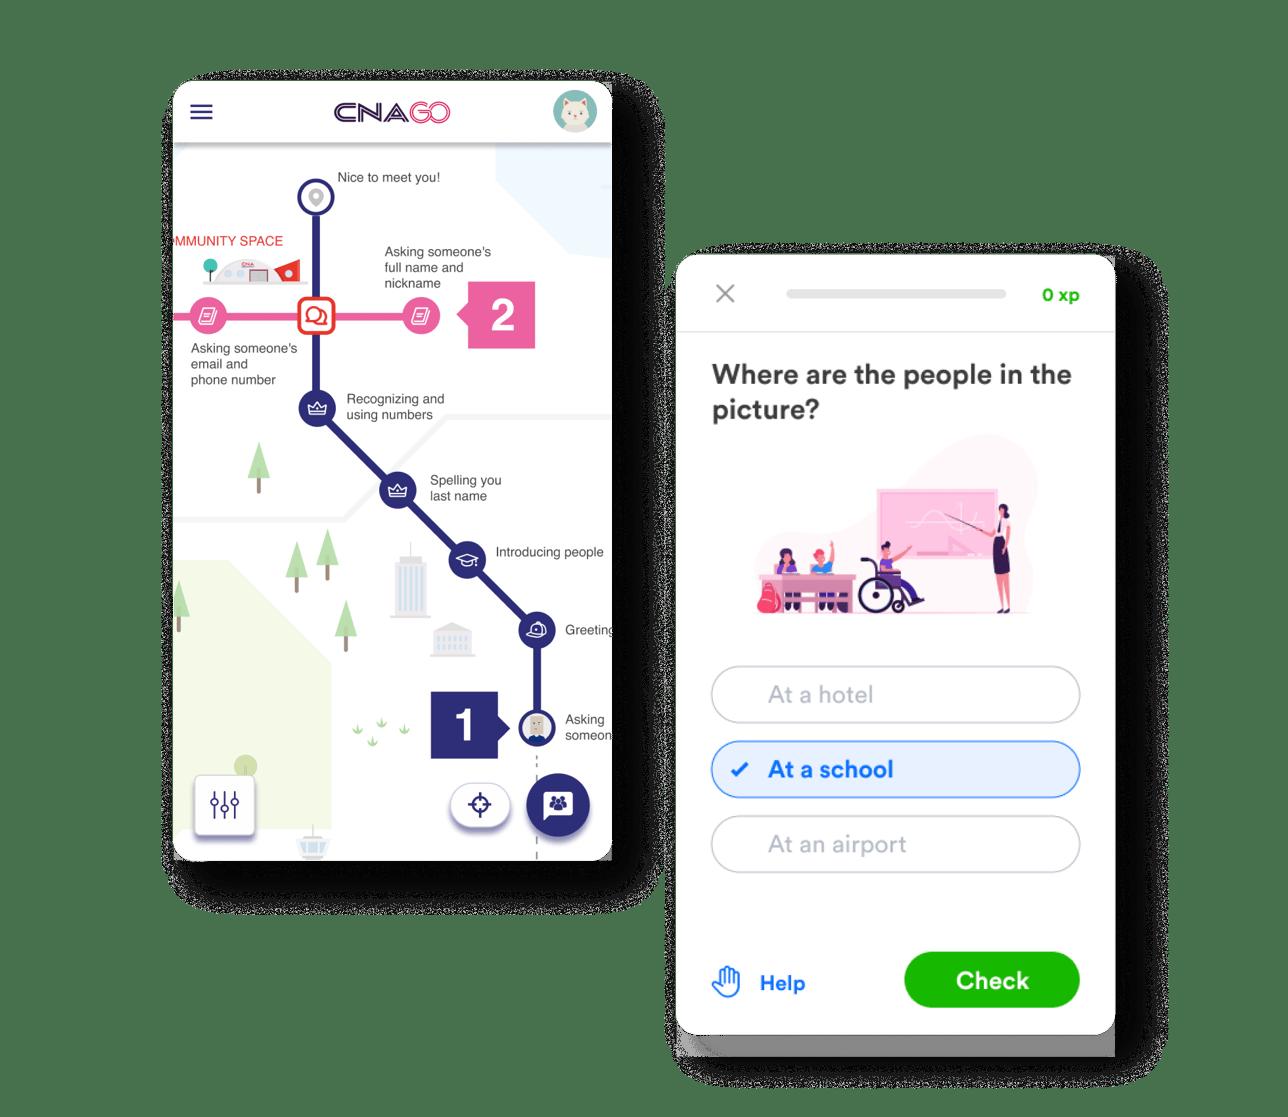 cnago-mobile-platform